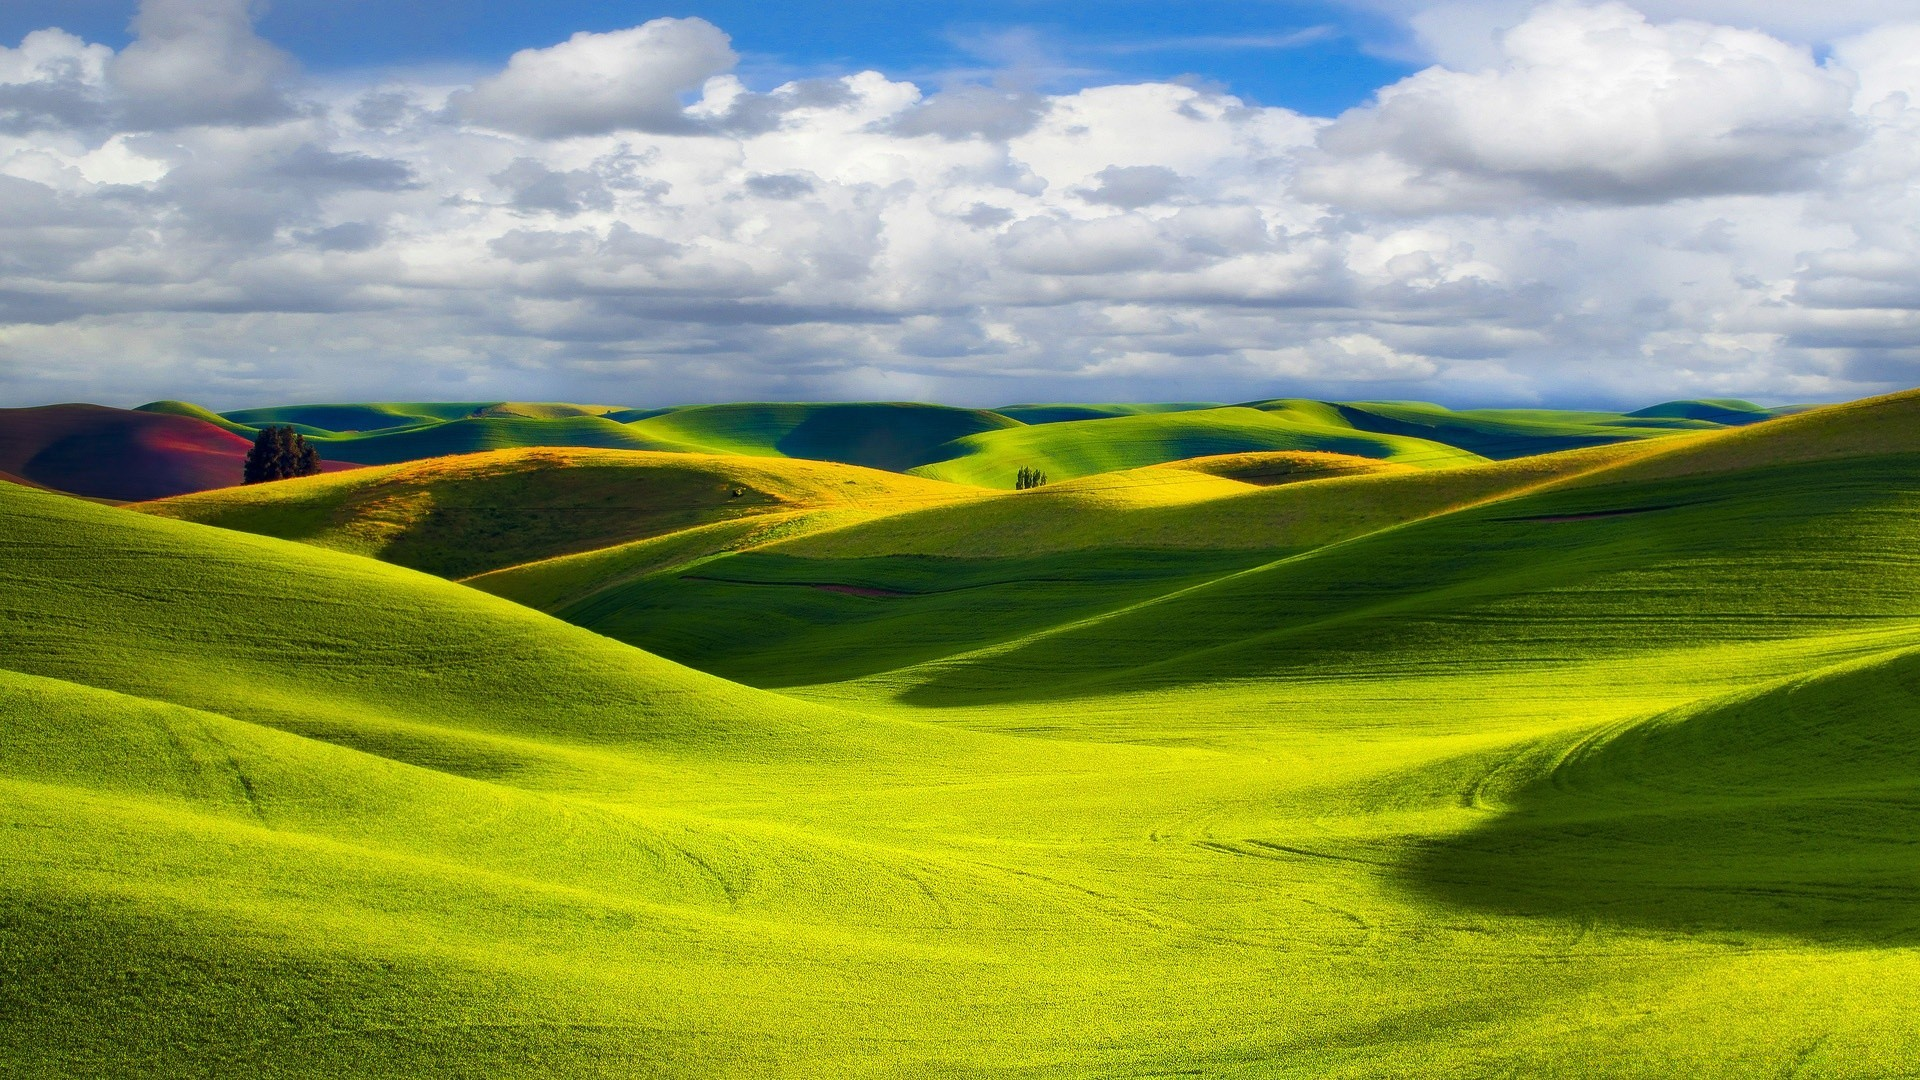 желто-зеленая дорога в степи  № 252703 бесплатно